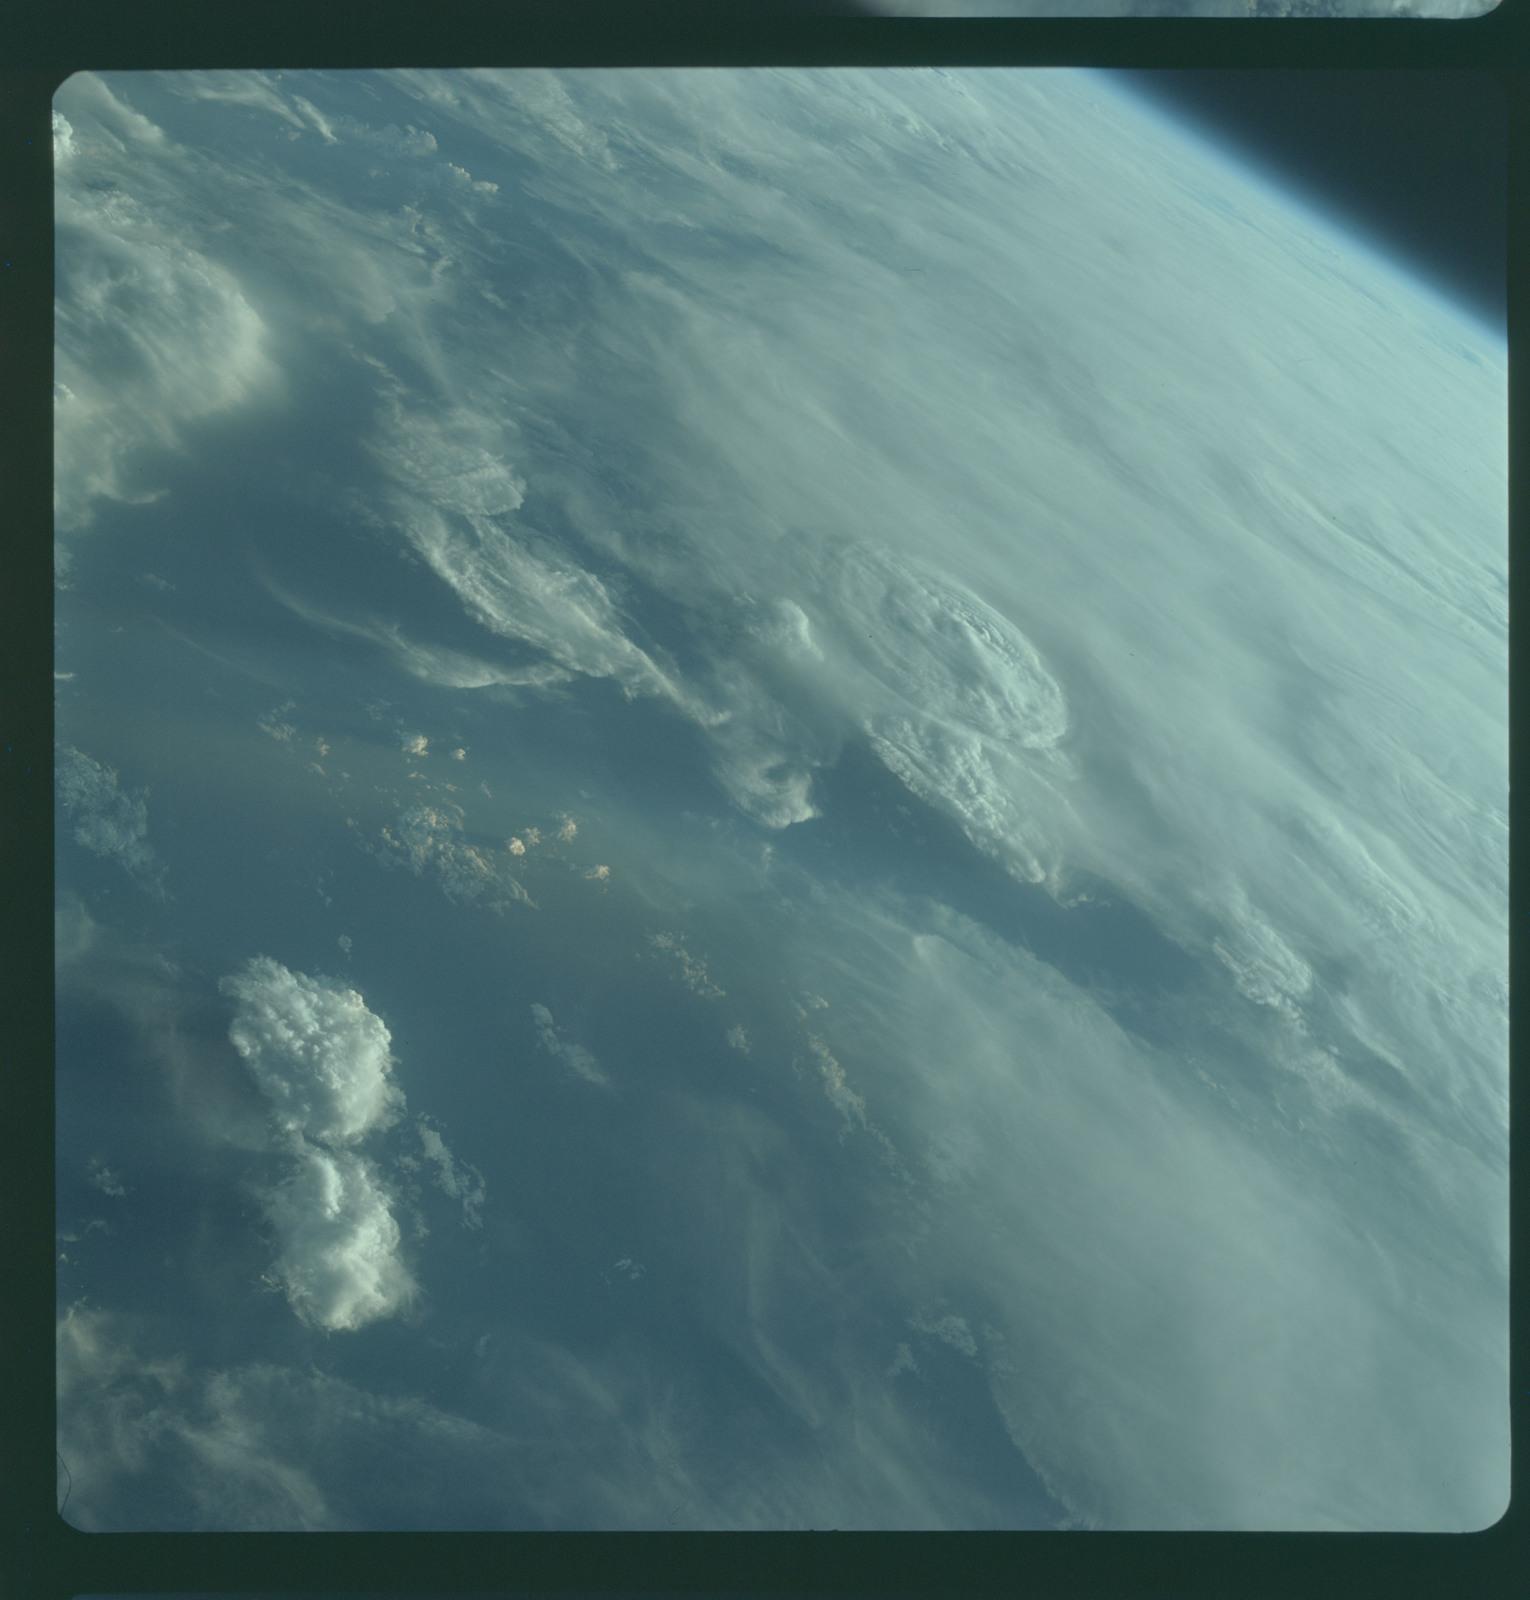 as07 03 1554 apollo 7 apollo 7 mission cirrus cumulus nimbus